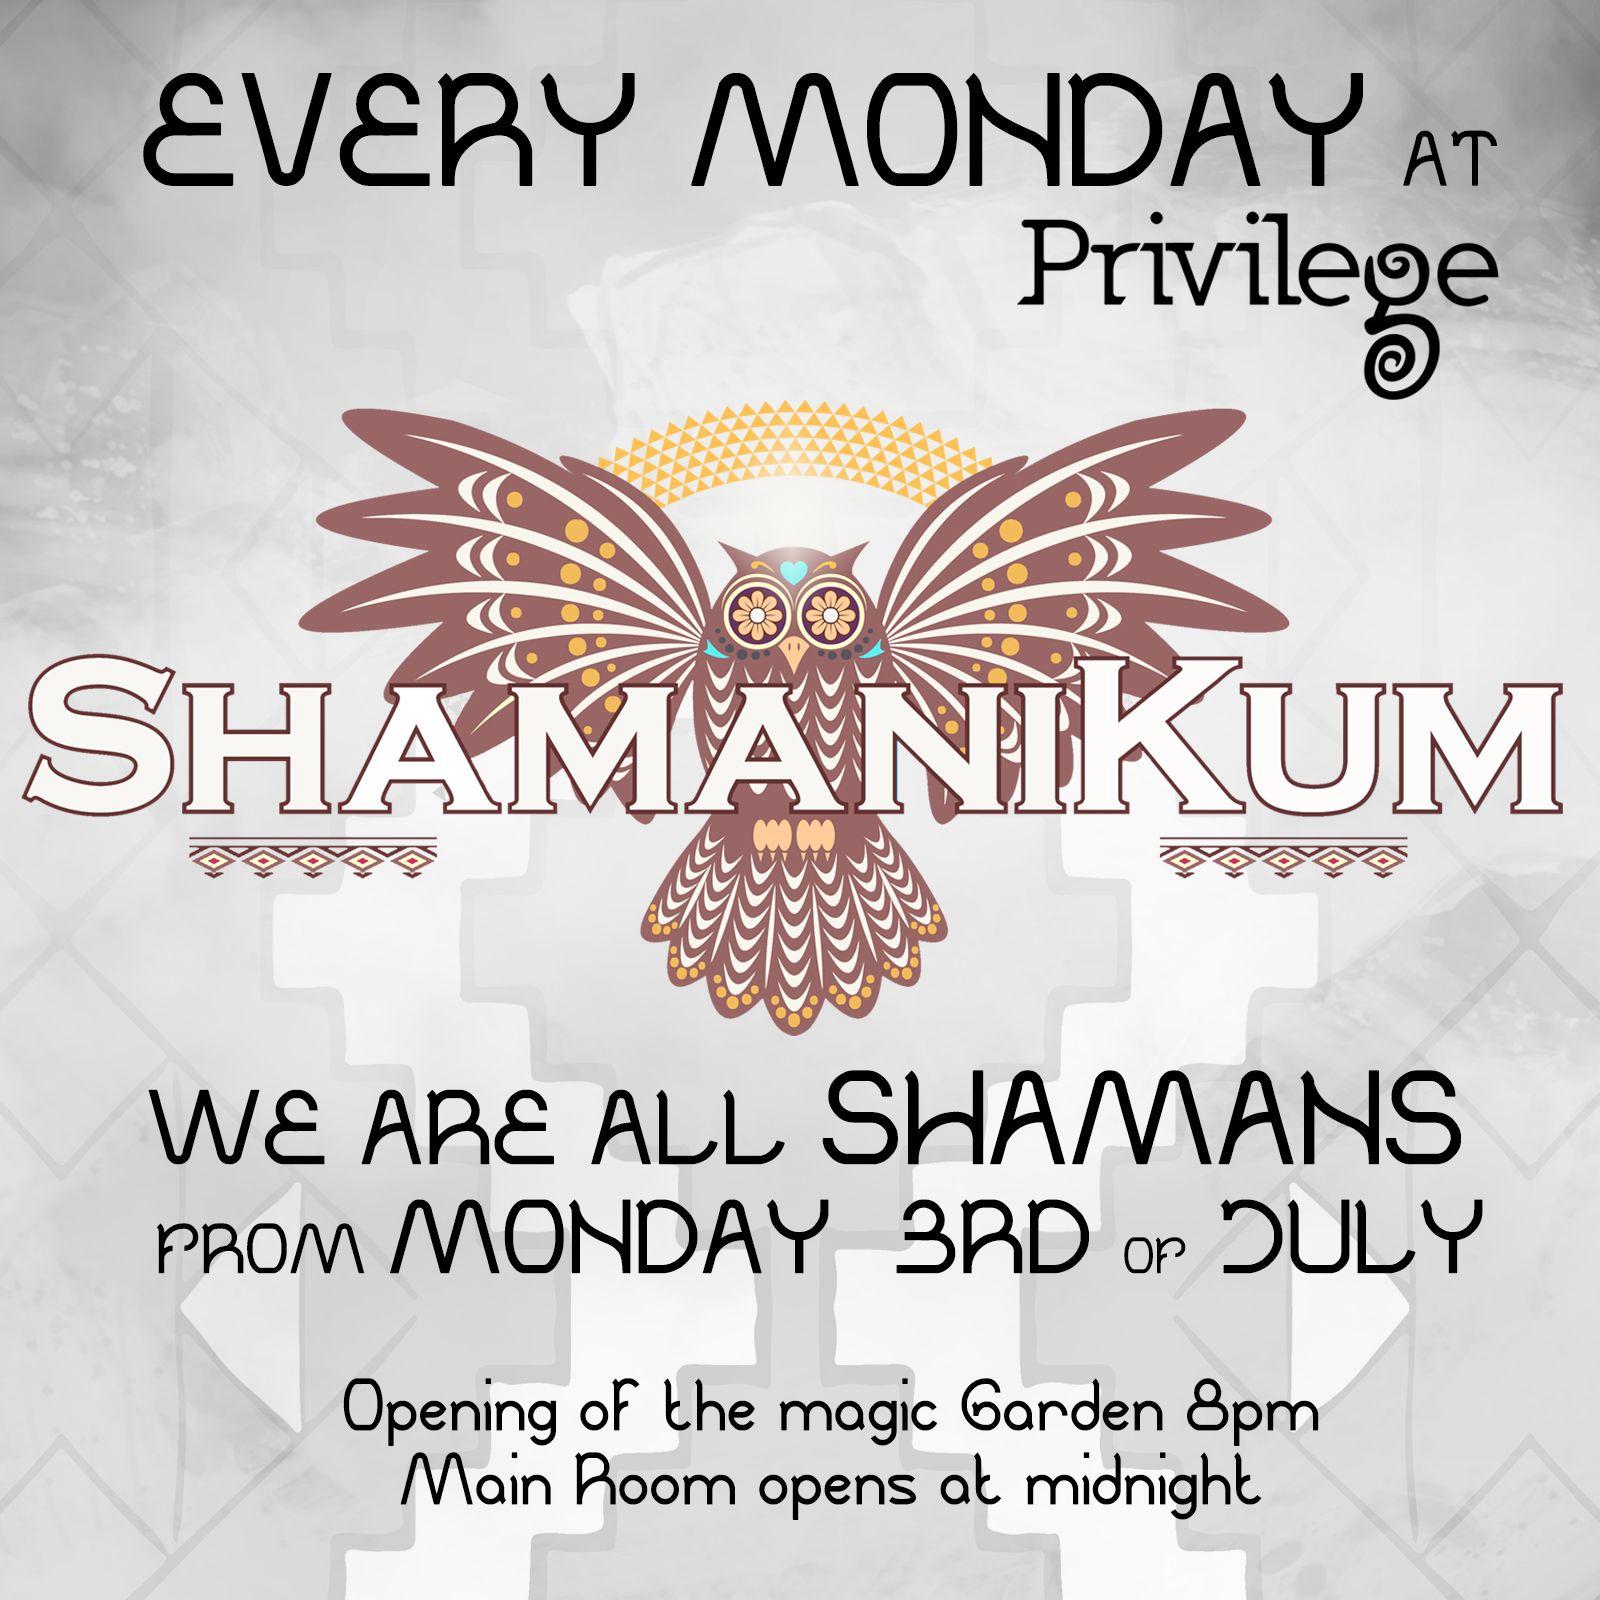 shamanikum_1600_x_1600.jpg